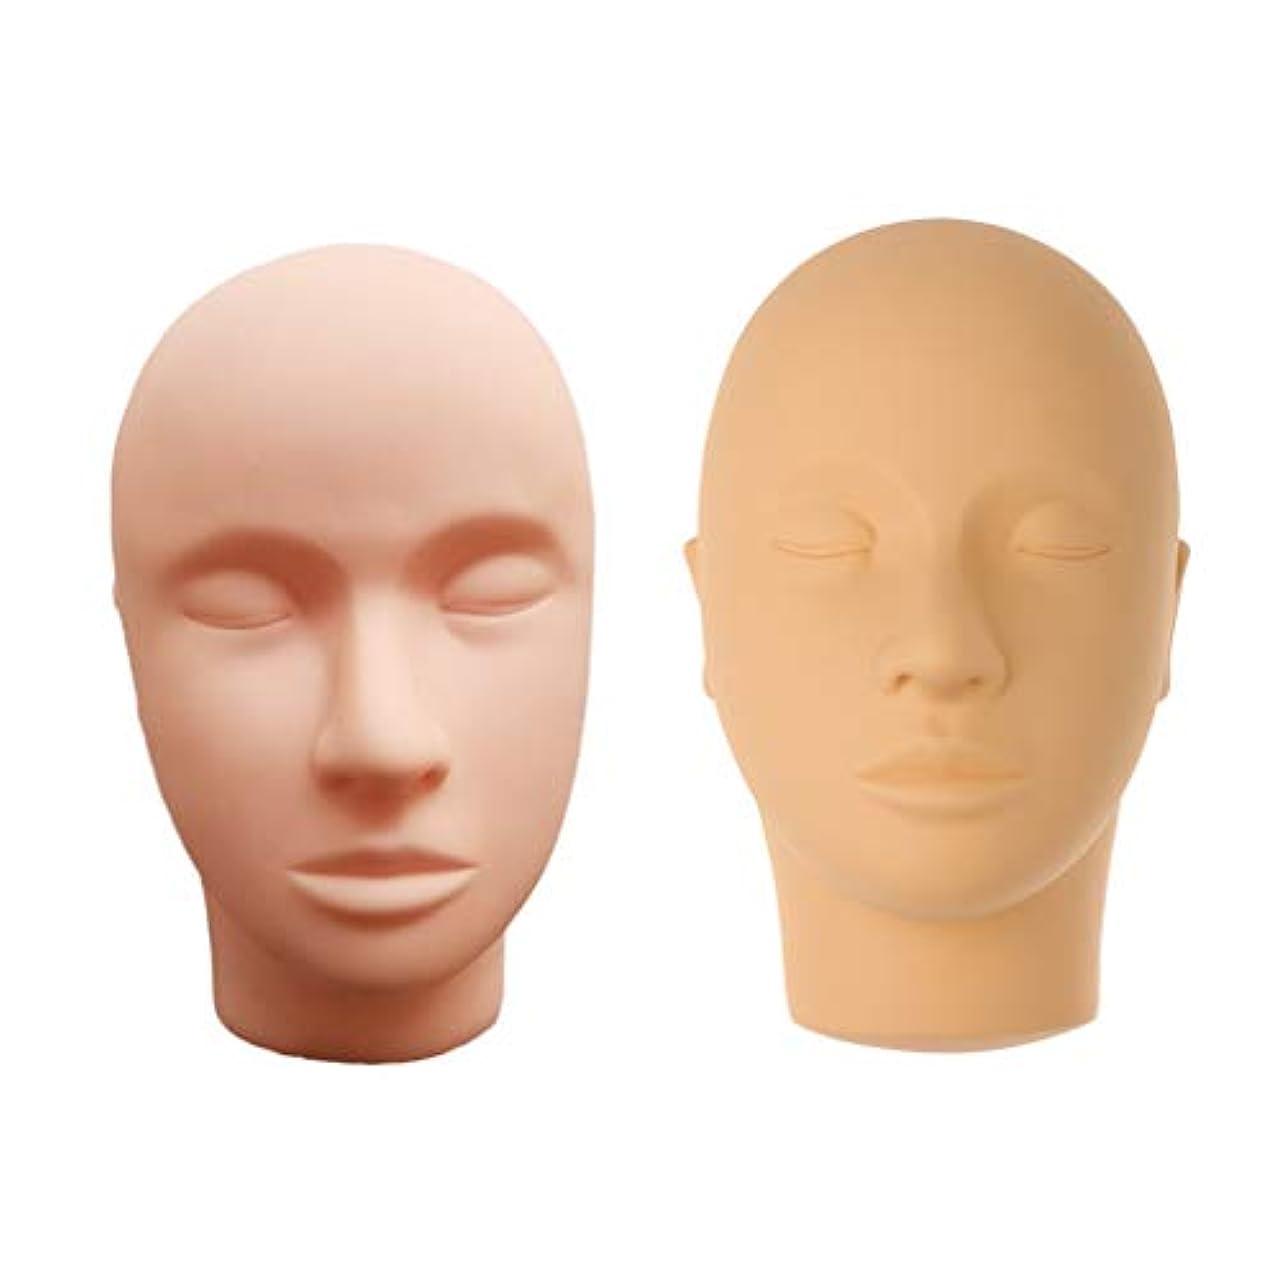 サンダル作曲家比較CUTICATE マネキンヘッド ディスプレイ 肌色 化粧練習 メイク マッサージ トレーニング 繰り返し利用